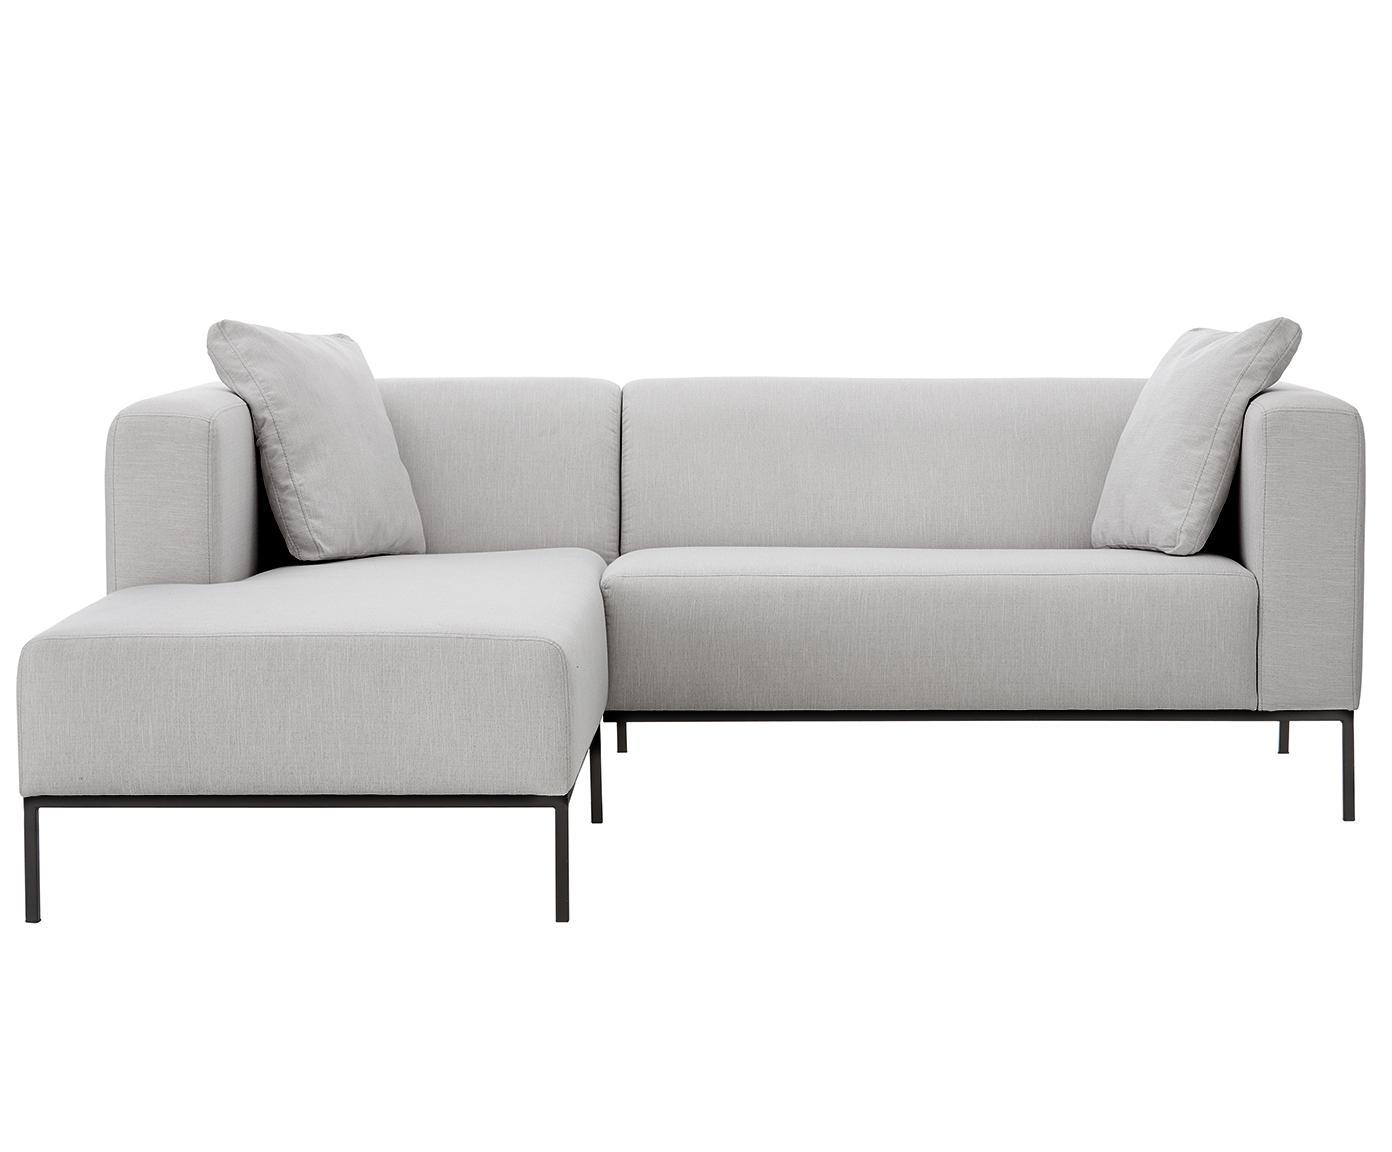 Ecksofa Carrie, Bezug: Polyester 50.000 Scheuert, Gestell: Spanholz, Hartfaserplatte, Webstoff Grau, B 241 x T 200 cm